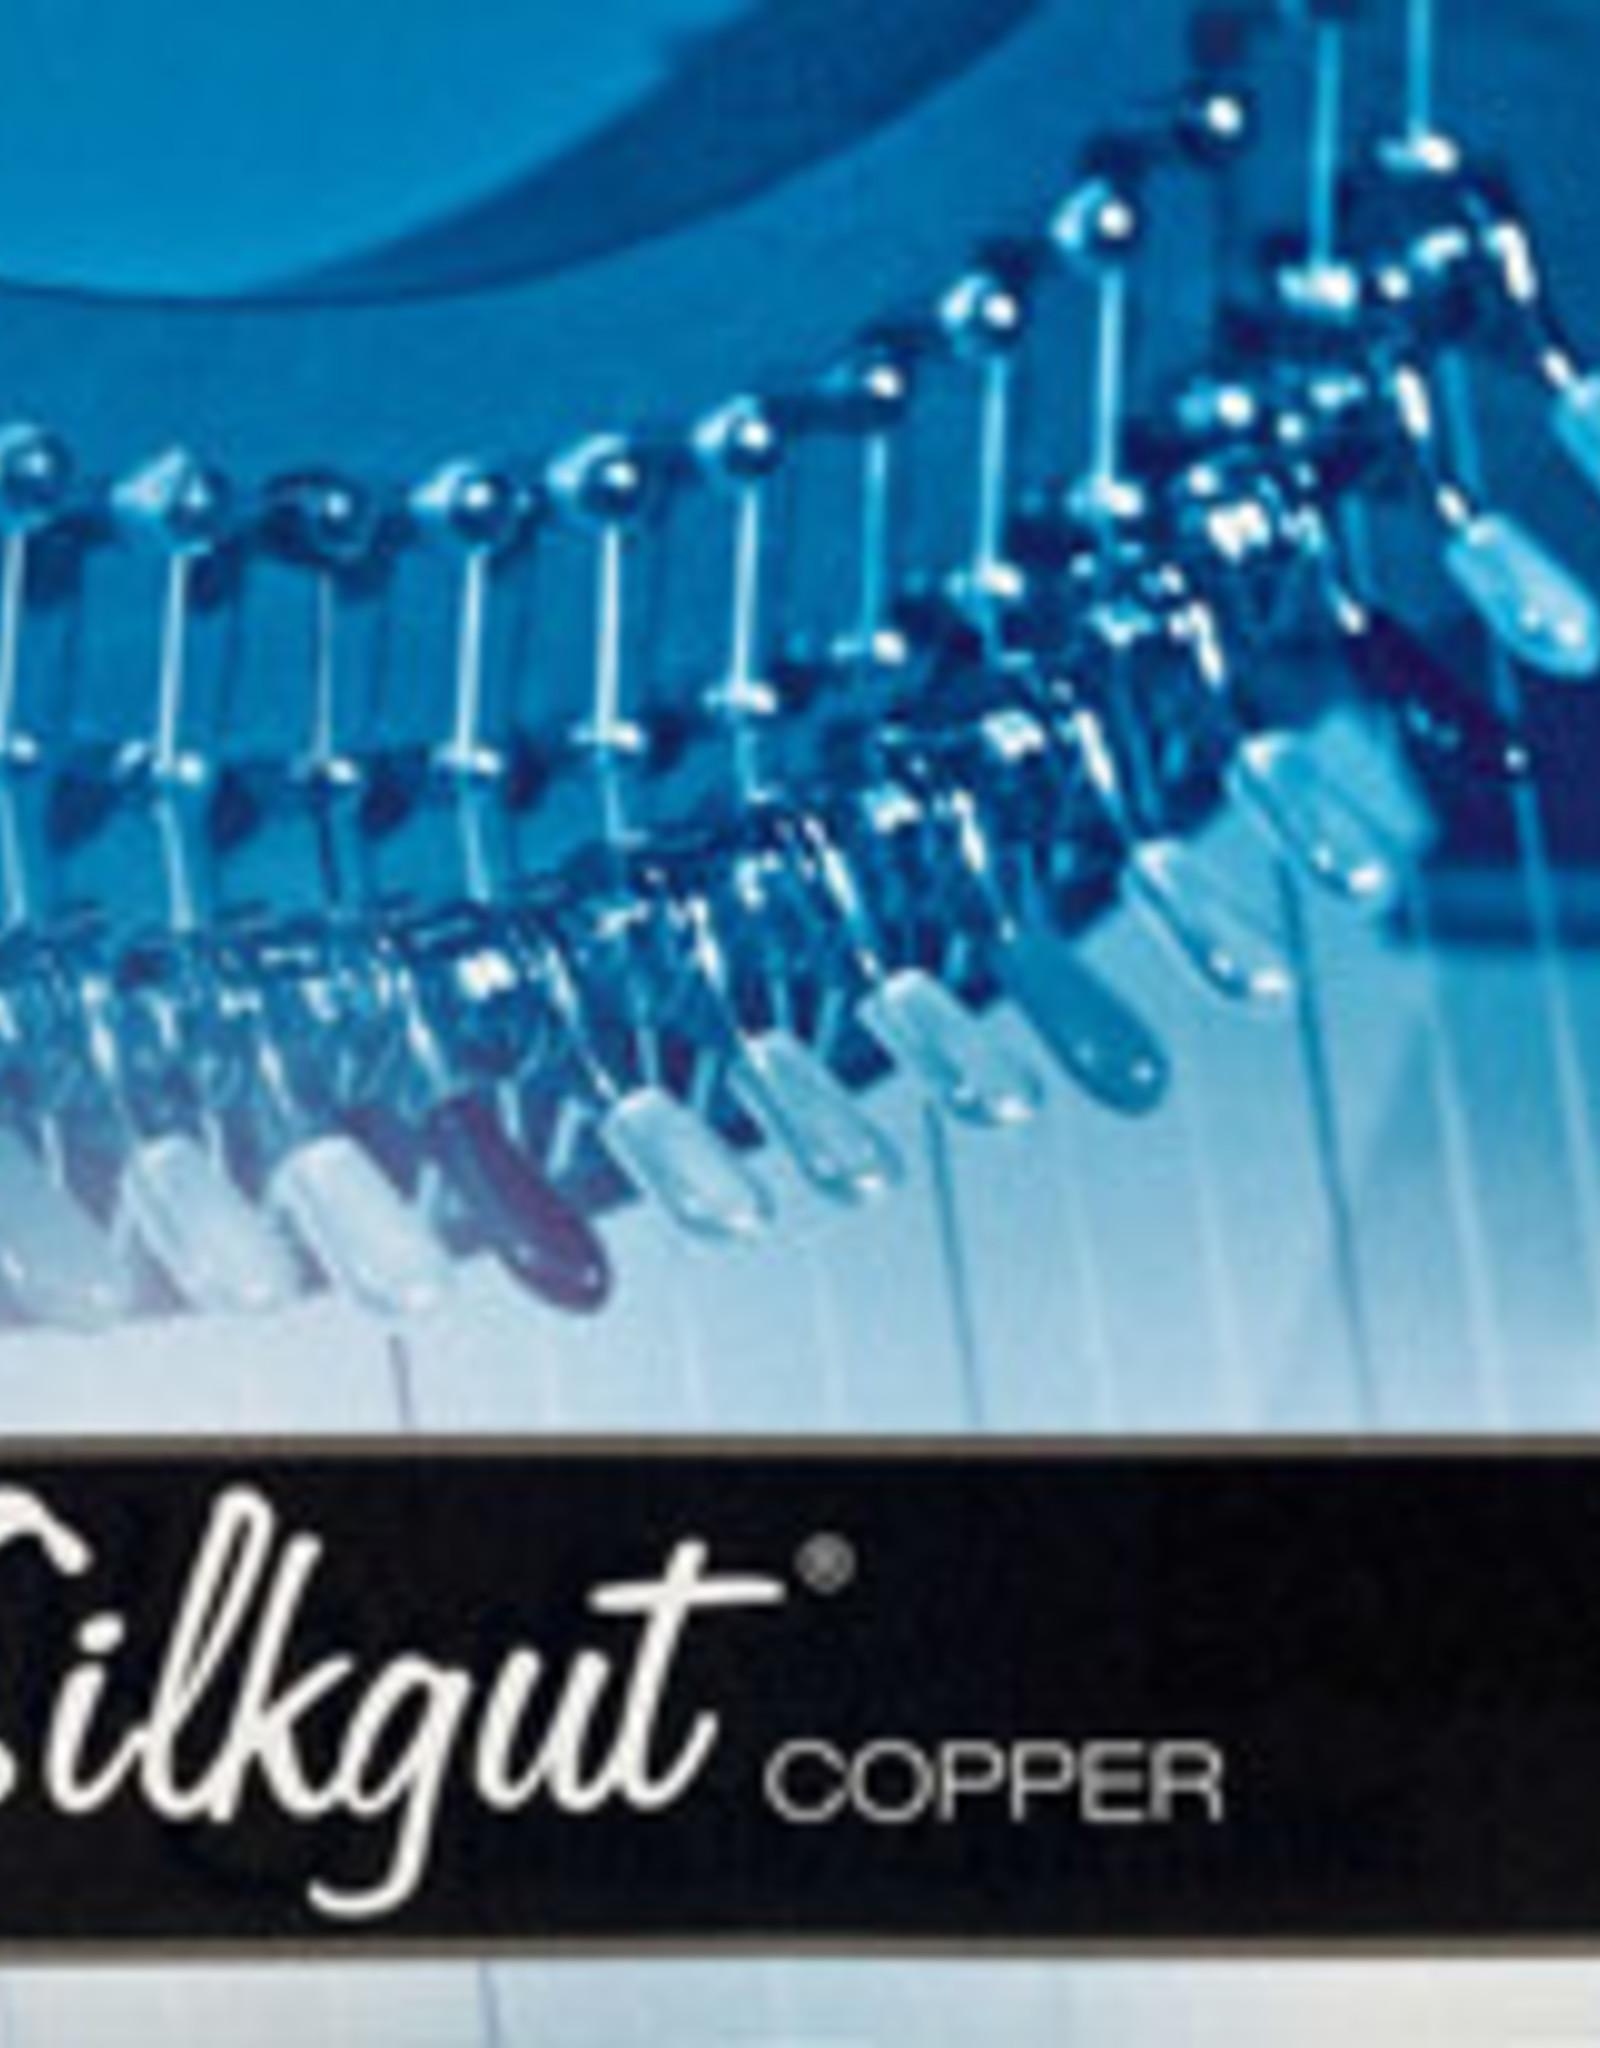 BOW BRAND silkgut copper 26/4LA